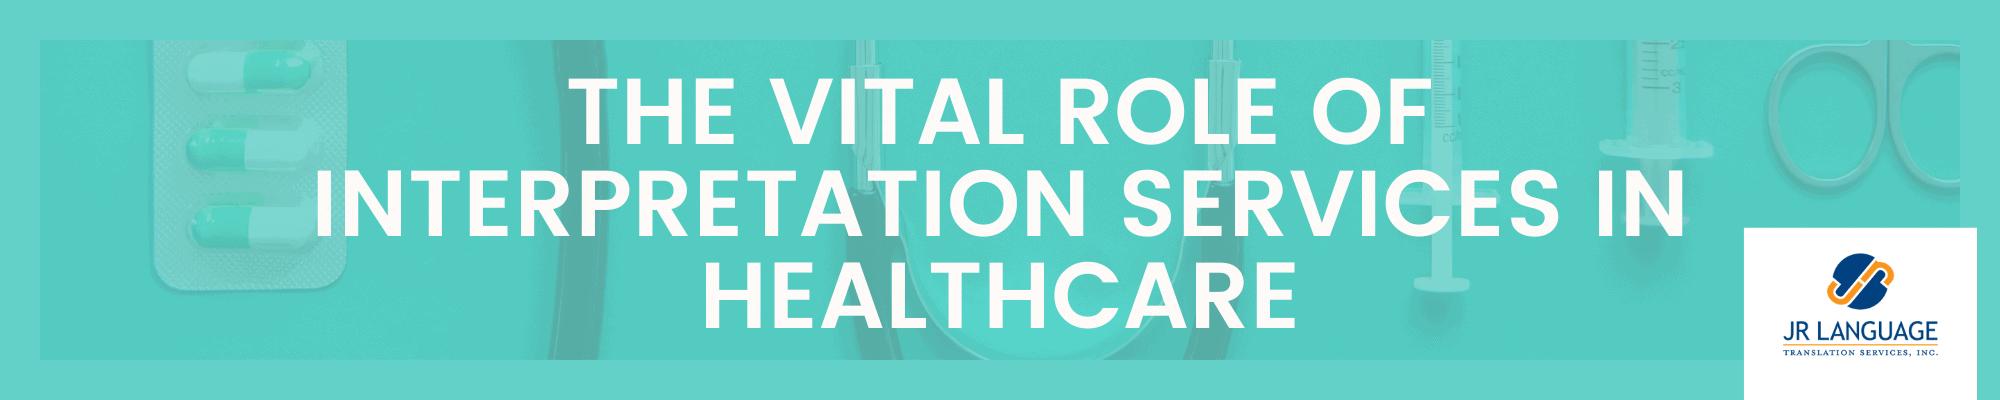 interpretation services in healthcare